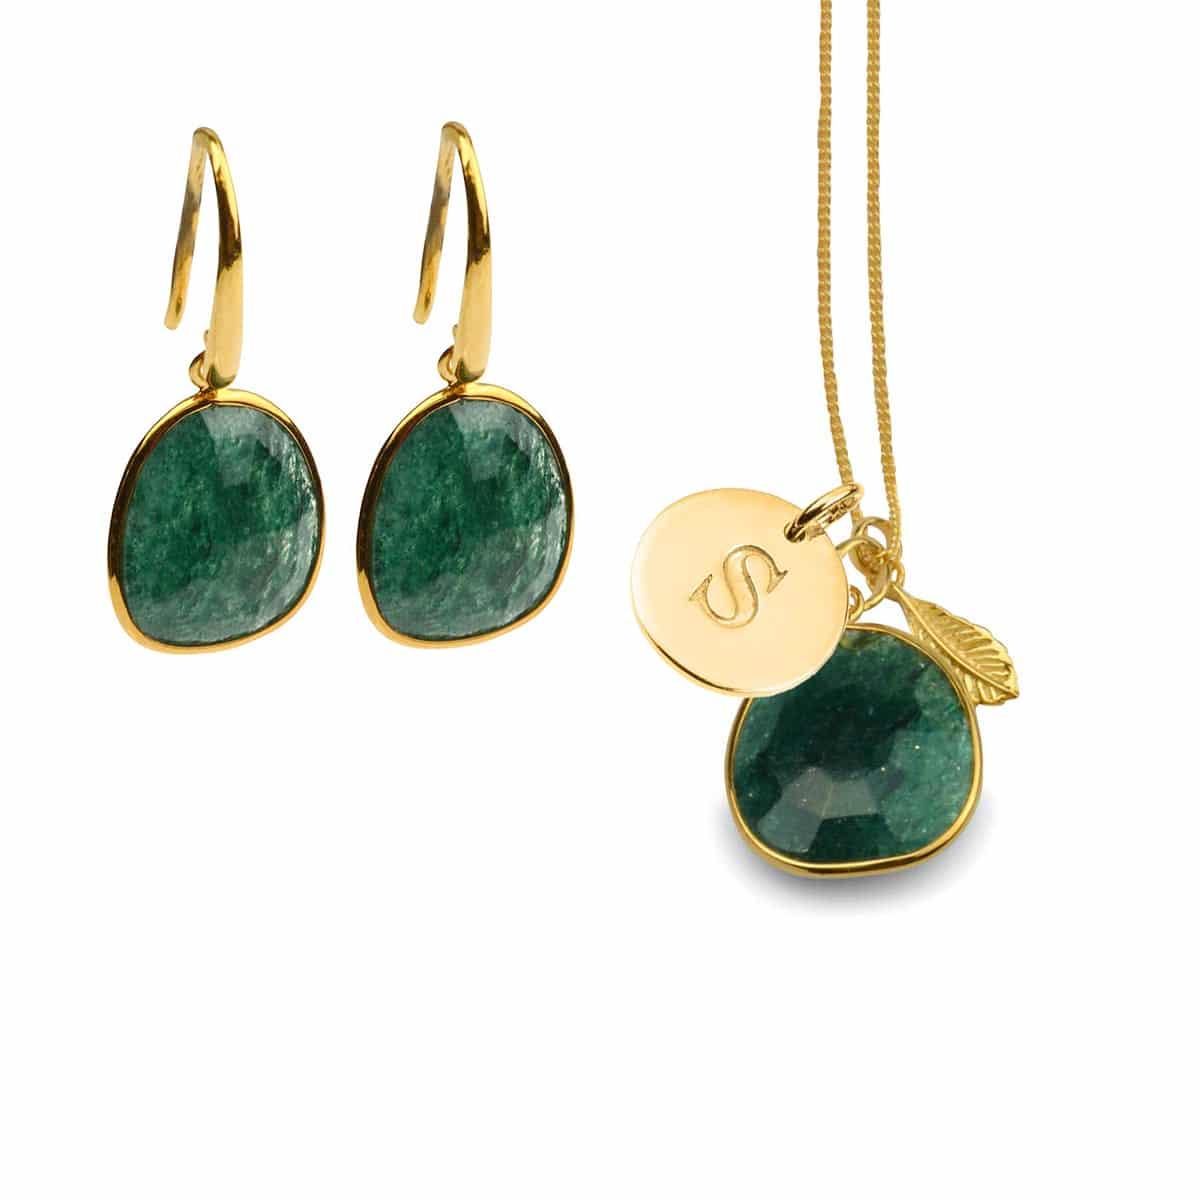 Glam-glam-necklace-set,-green-aventurine